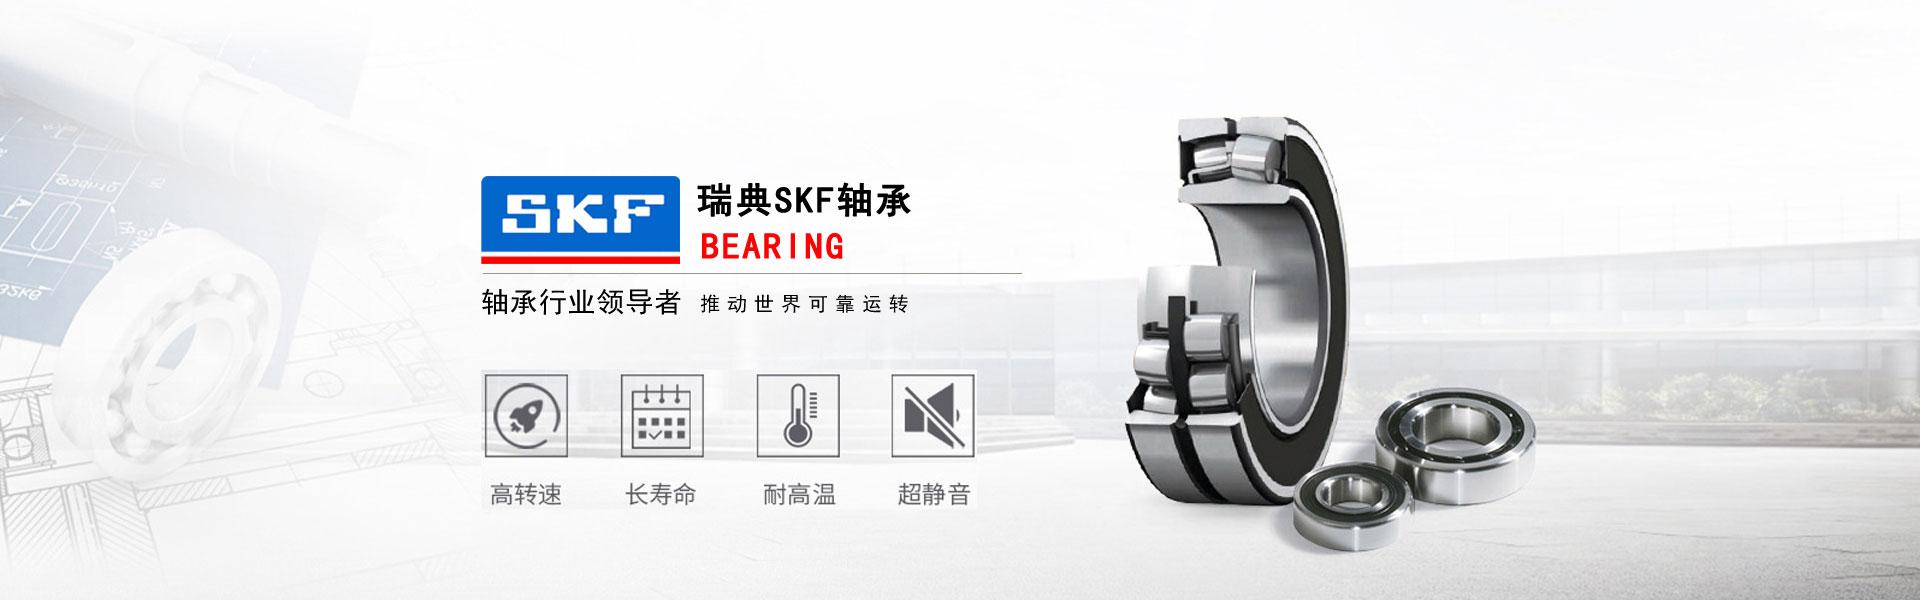 上海兴志实业有限公司